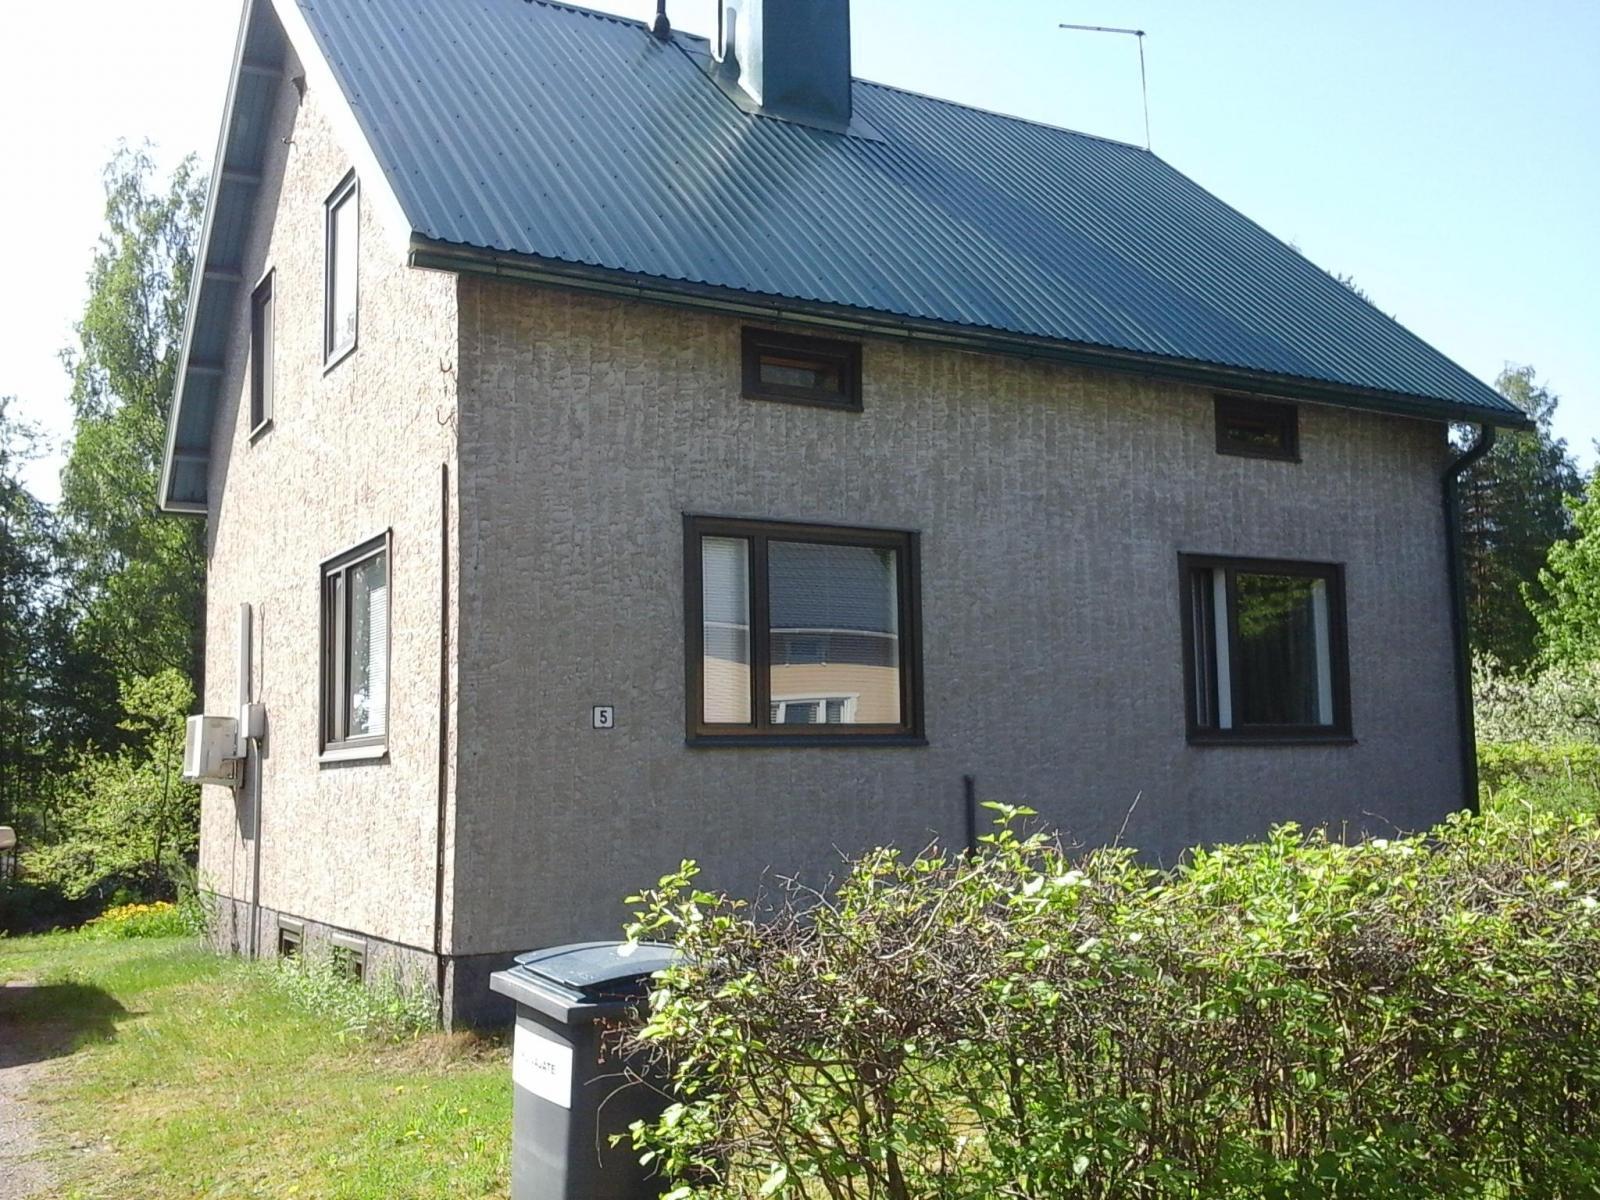 Myydään Omakotitalo 4 huonetta  Lappeenranta Hartikkala Vellamonkatu 5  Etu